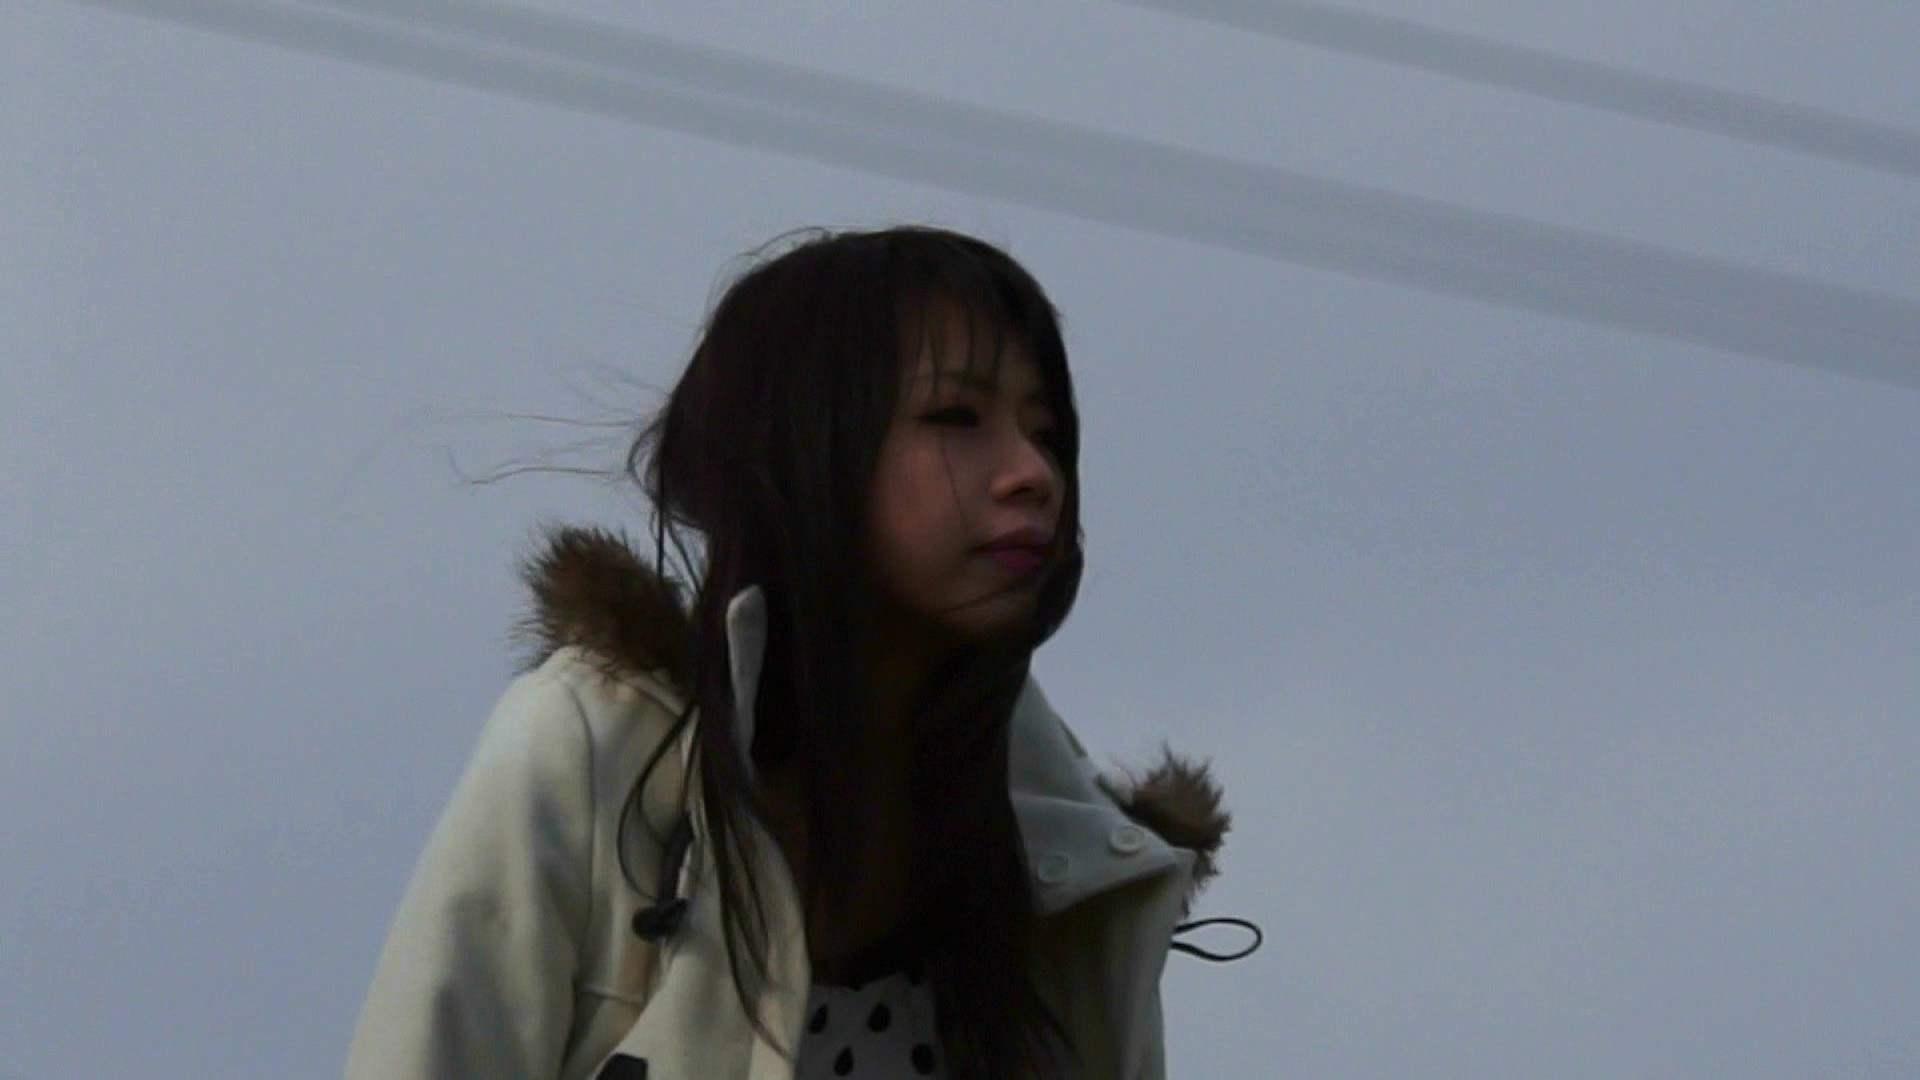 vol.2 自宅近く思い出の地で黄昏る志穂さん お姉さん攻略  83画像 57